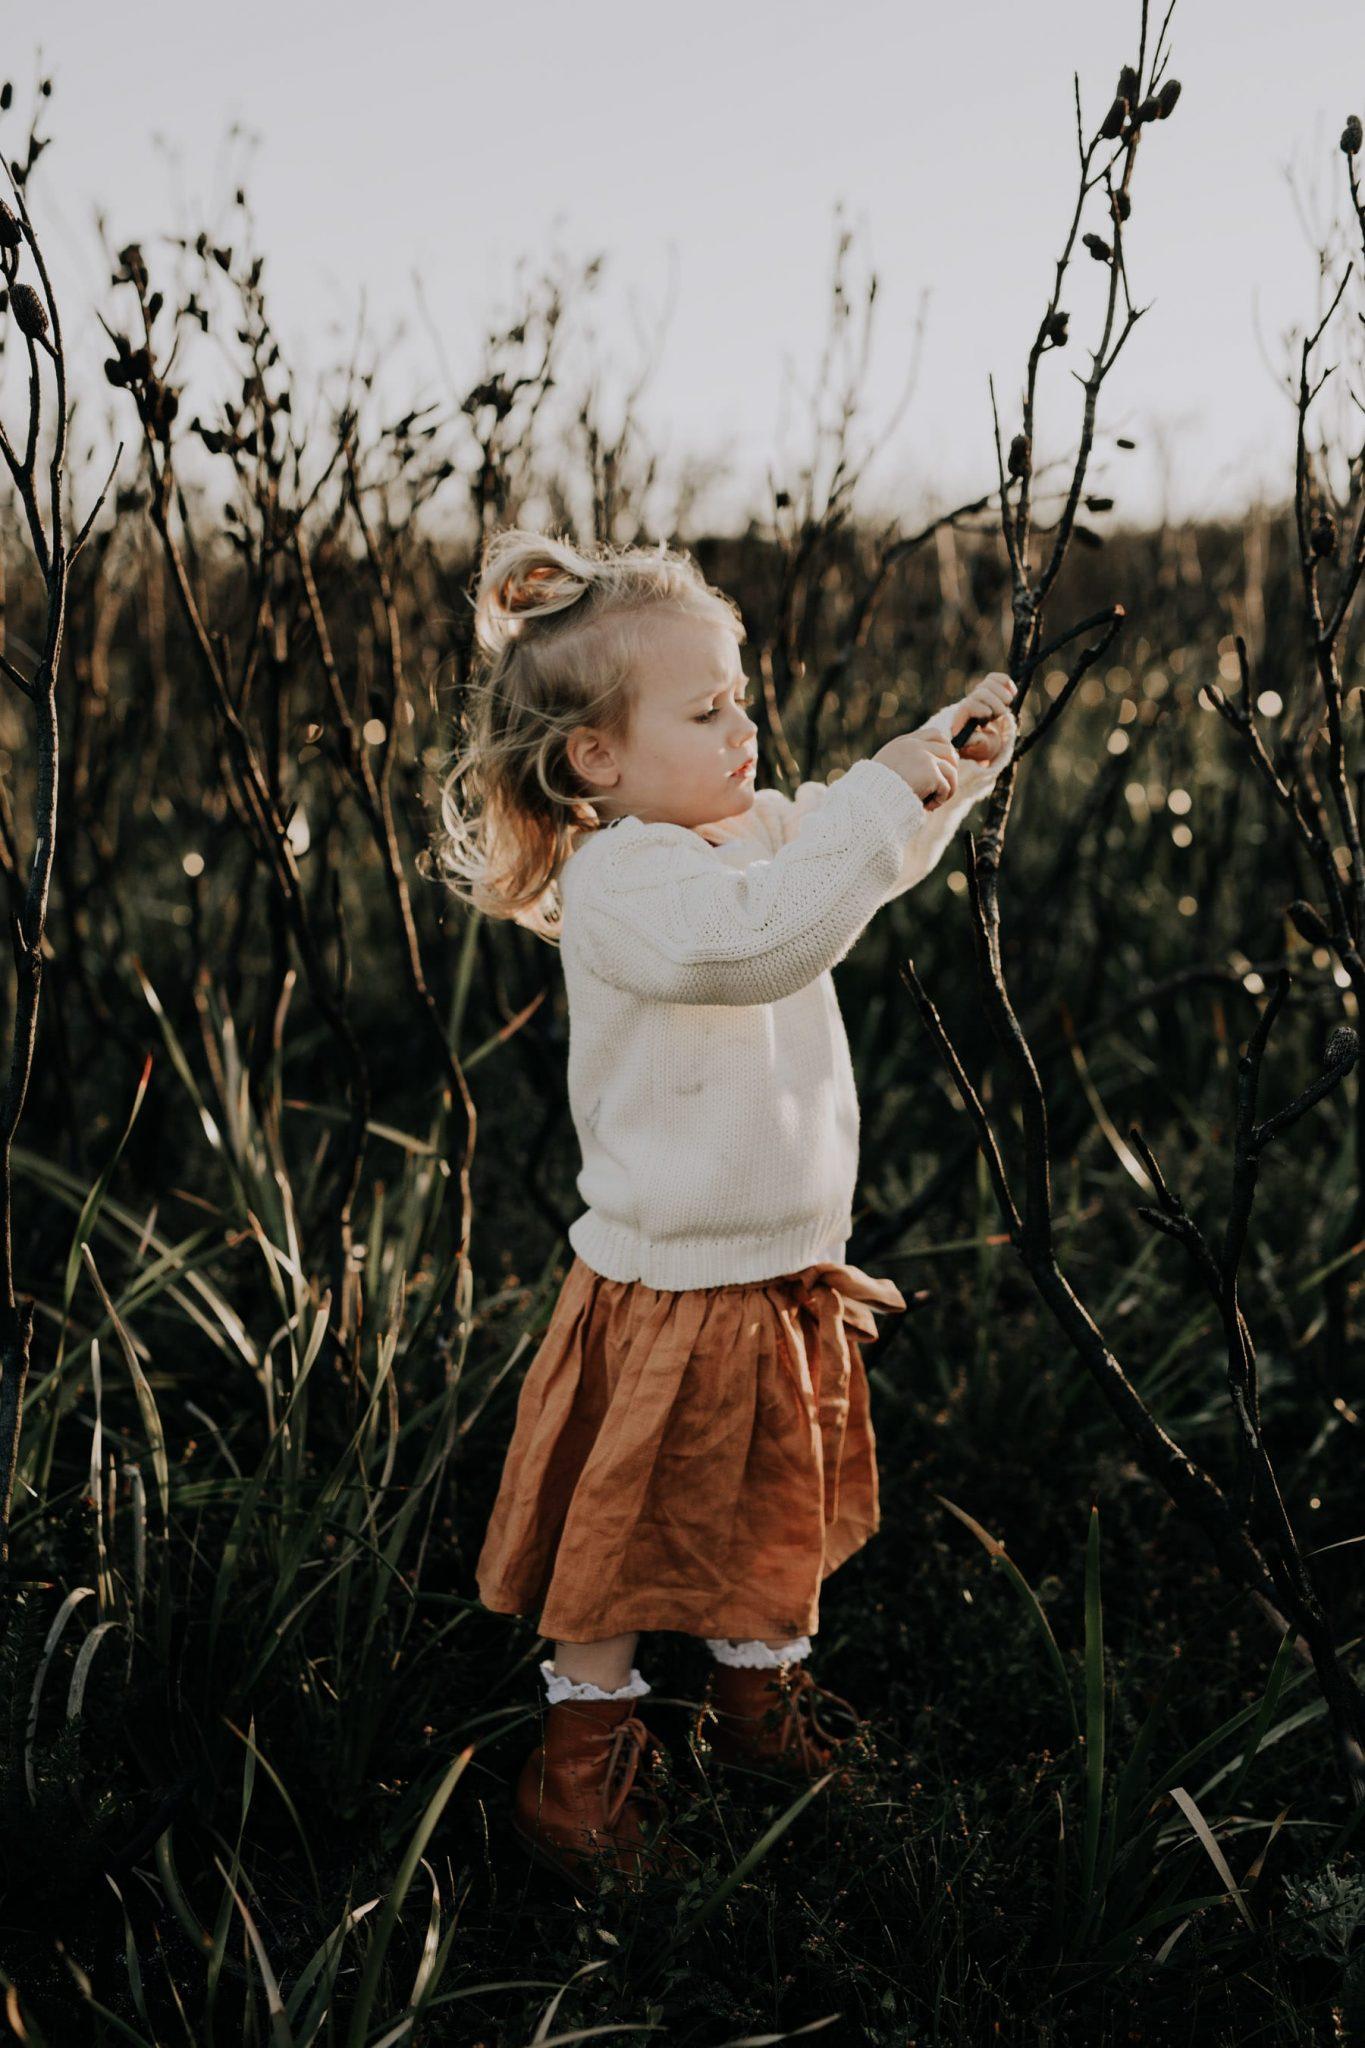 emmawandphotography-cronullaphotographer-sutherlandshirephotographer-family-kids-familyadventure-sydneydocumentaryphotographer-sydneylifestylephotographer0034